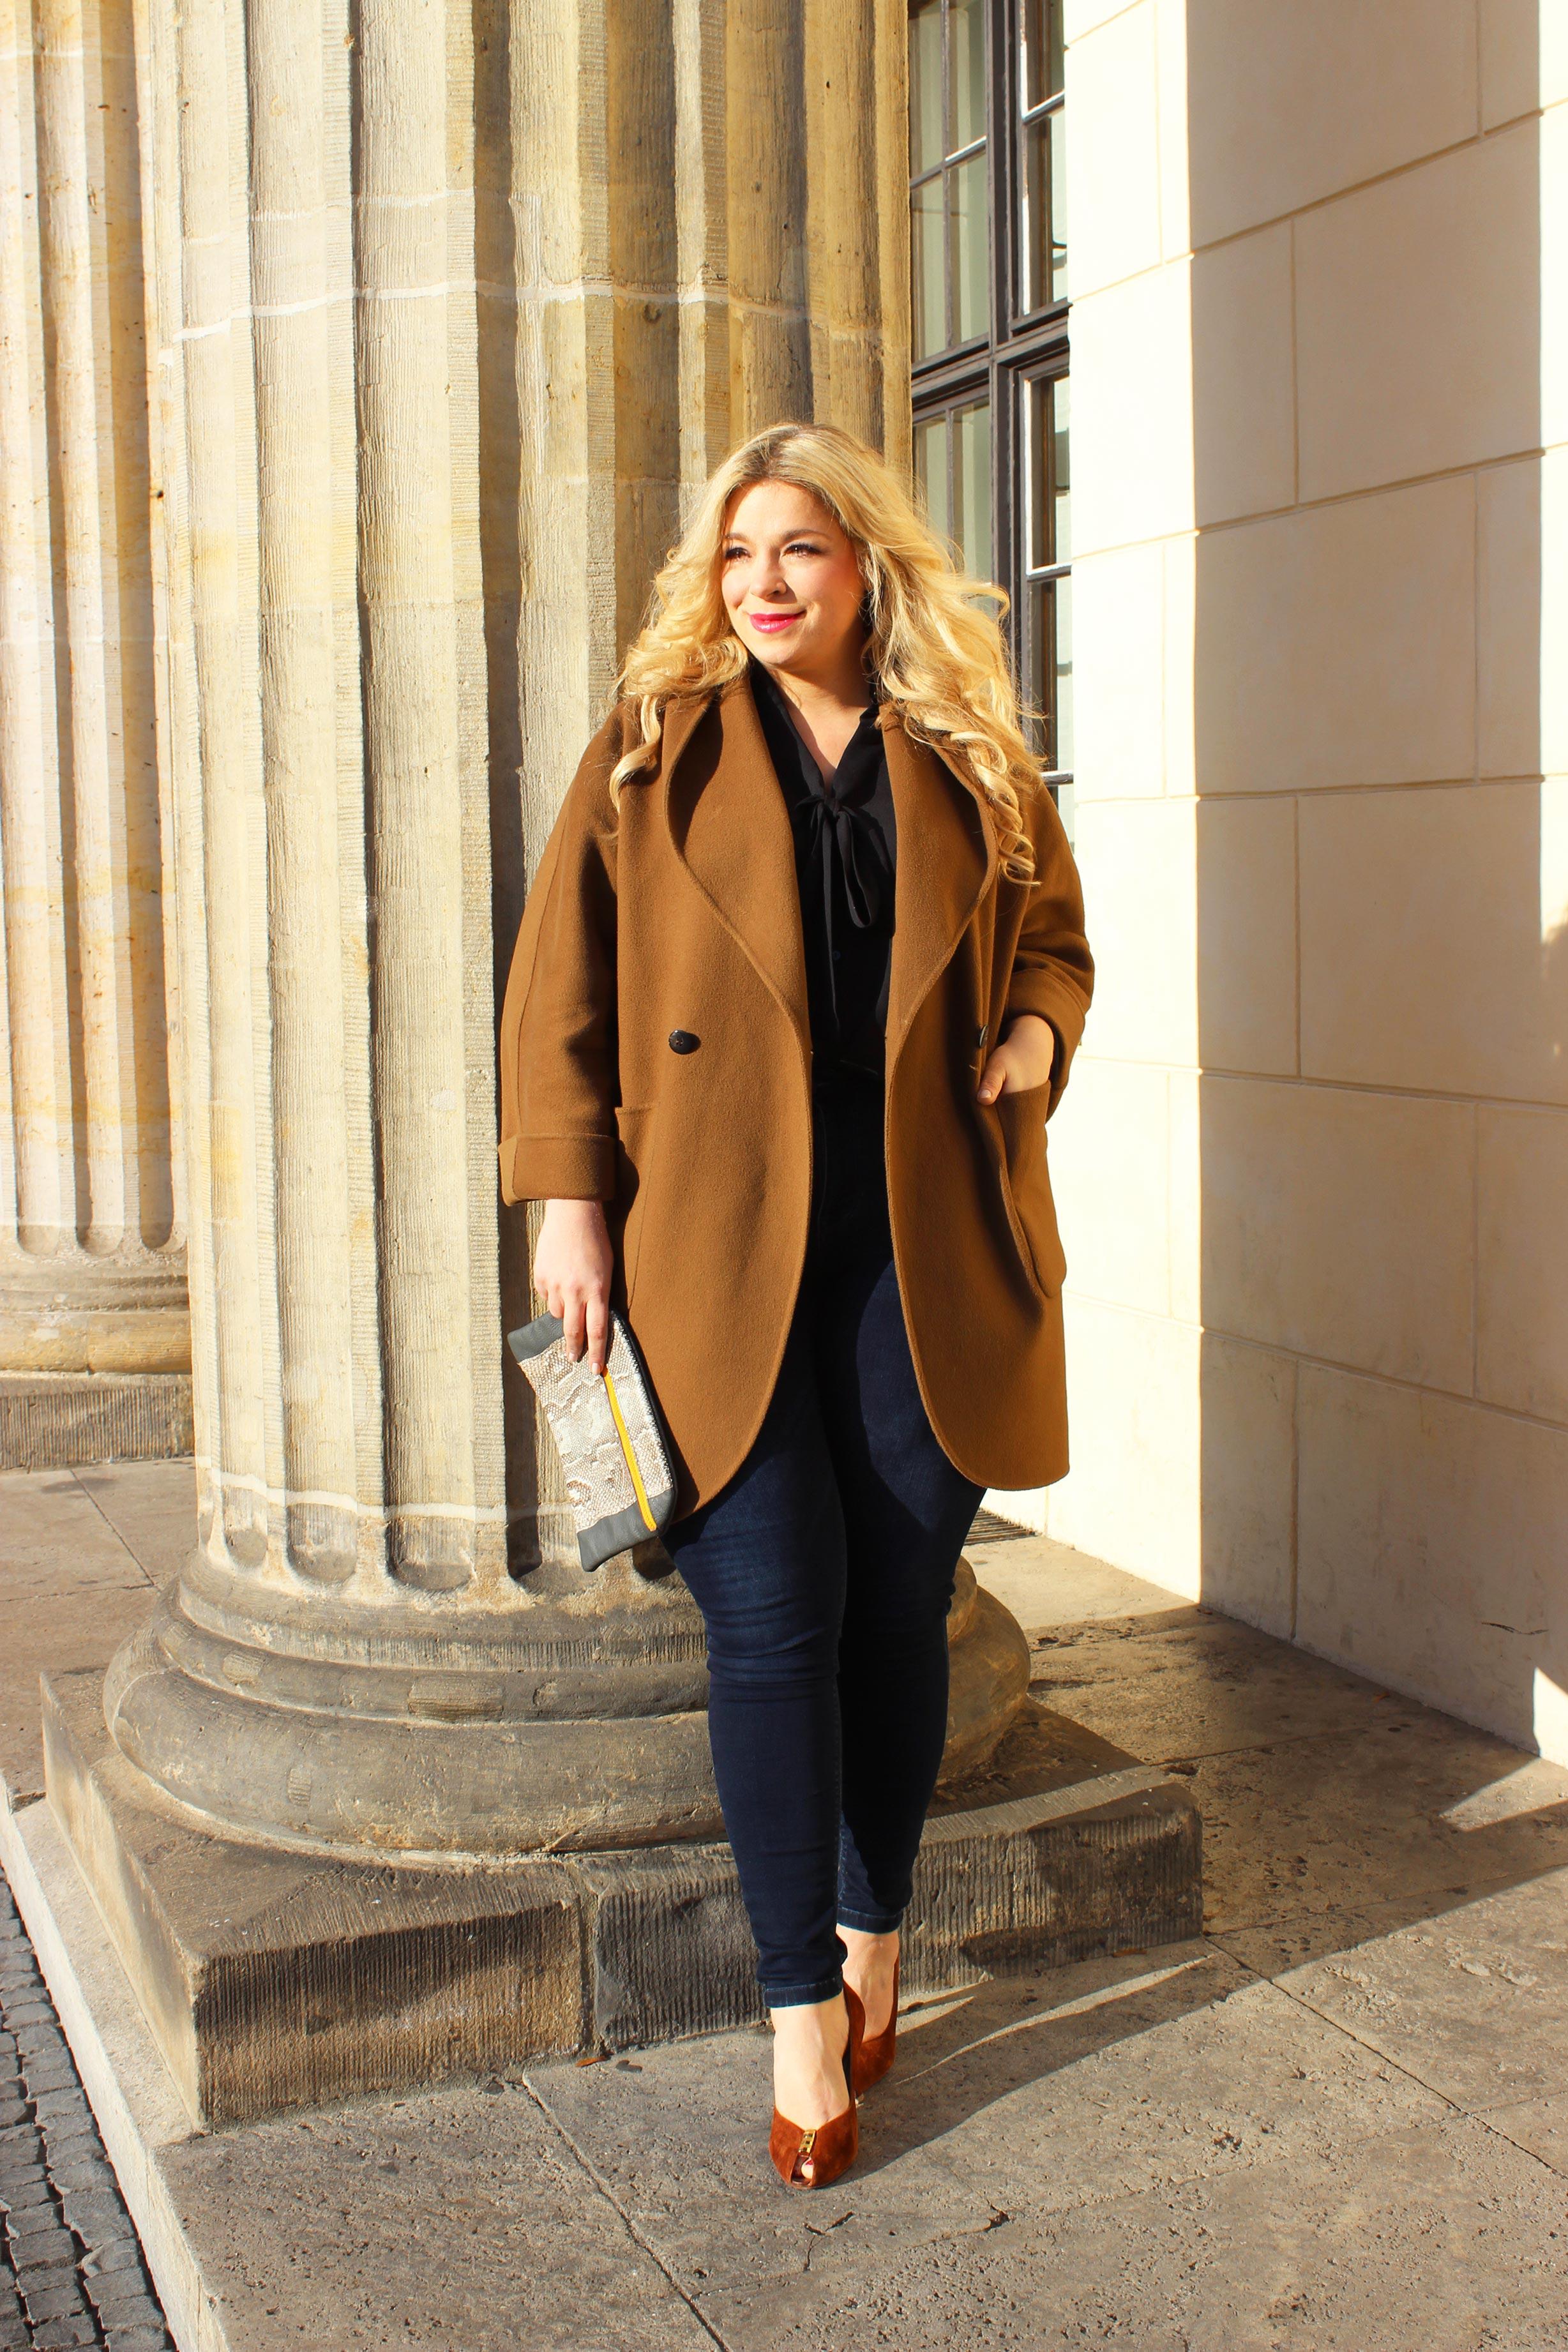 caterina-fashionblogger-megabambi-plussize-Megabambi-Pogorzelski